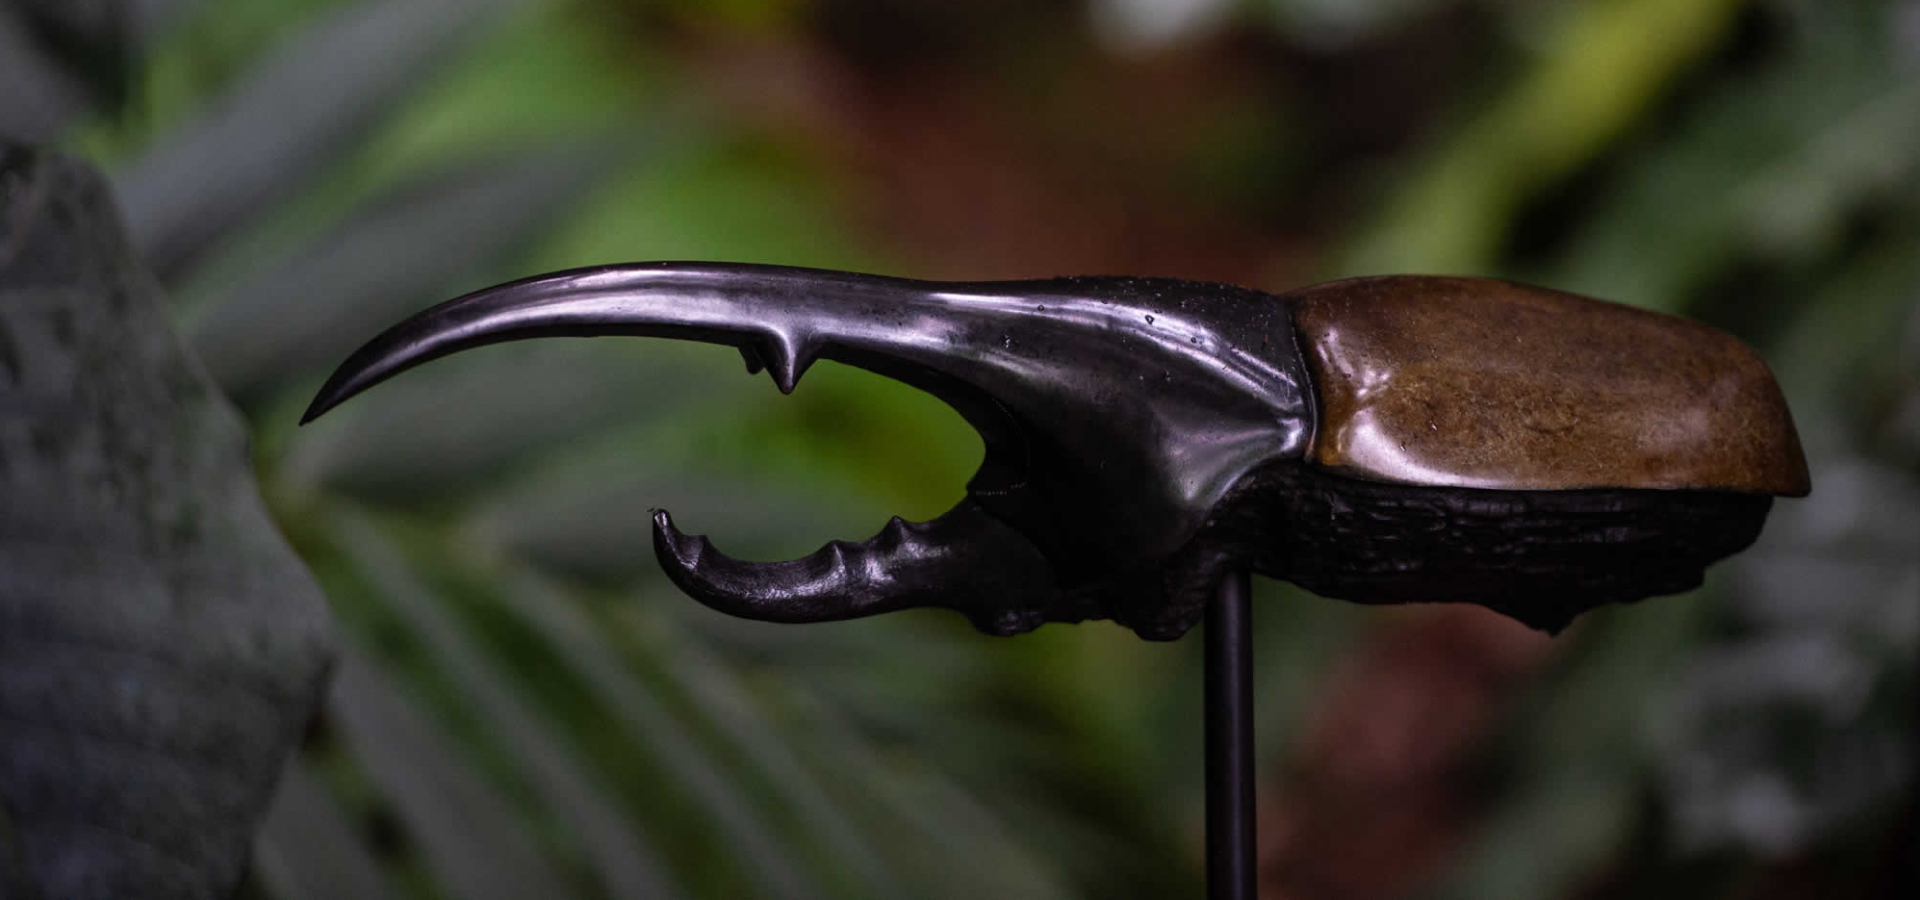 Carapaces et sortilèges, Bronze de François Chapelain-Midy © MNHN - F-G. Grandin